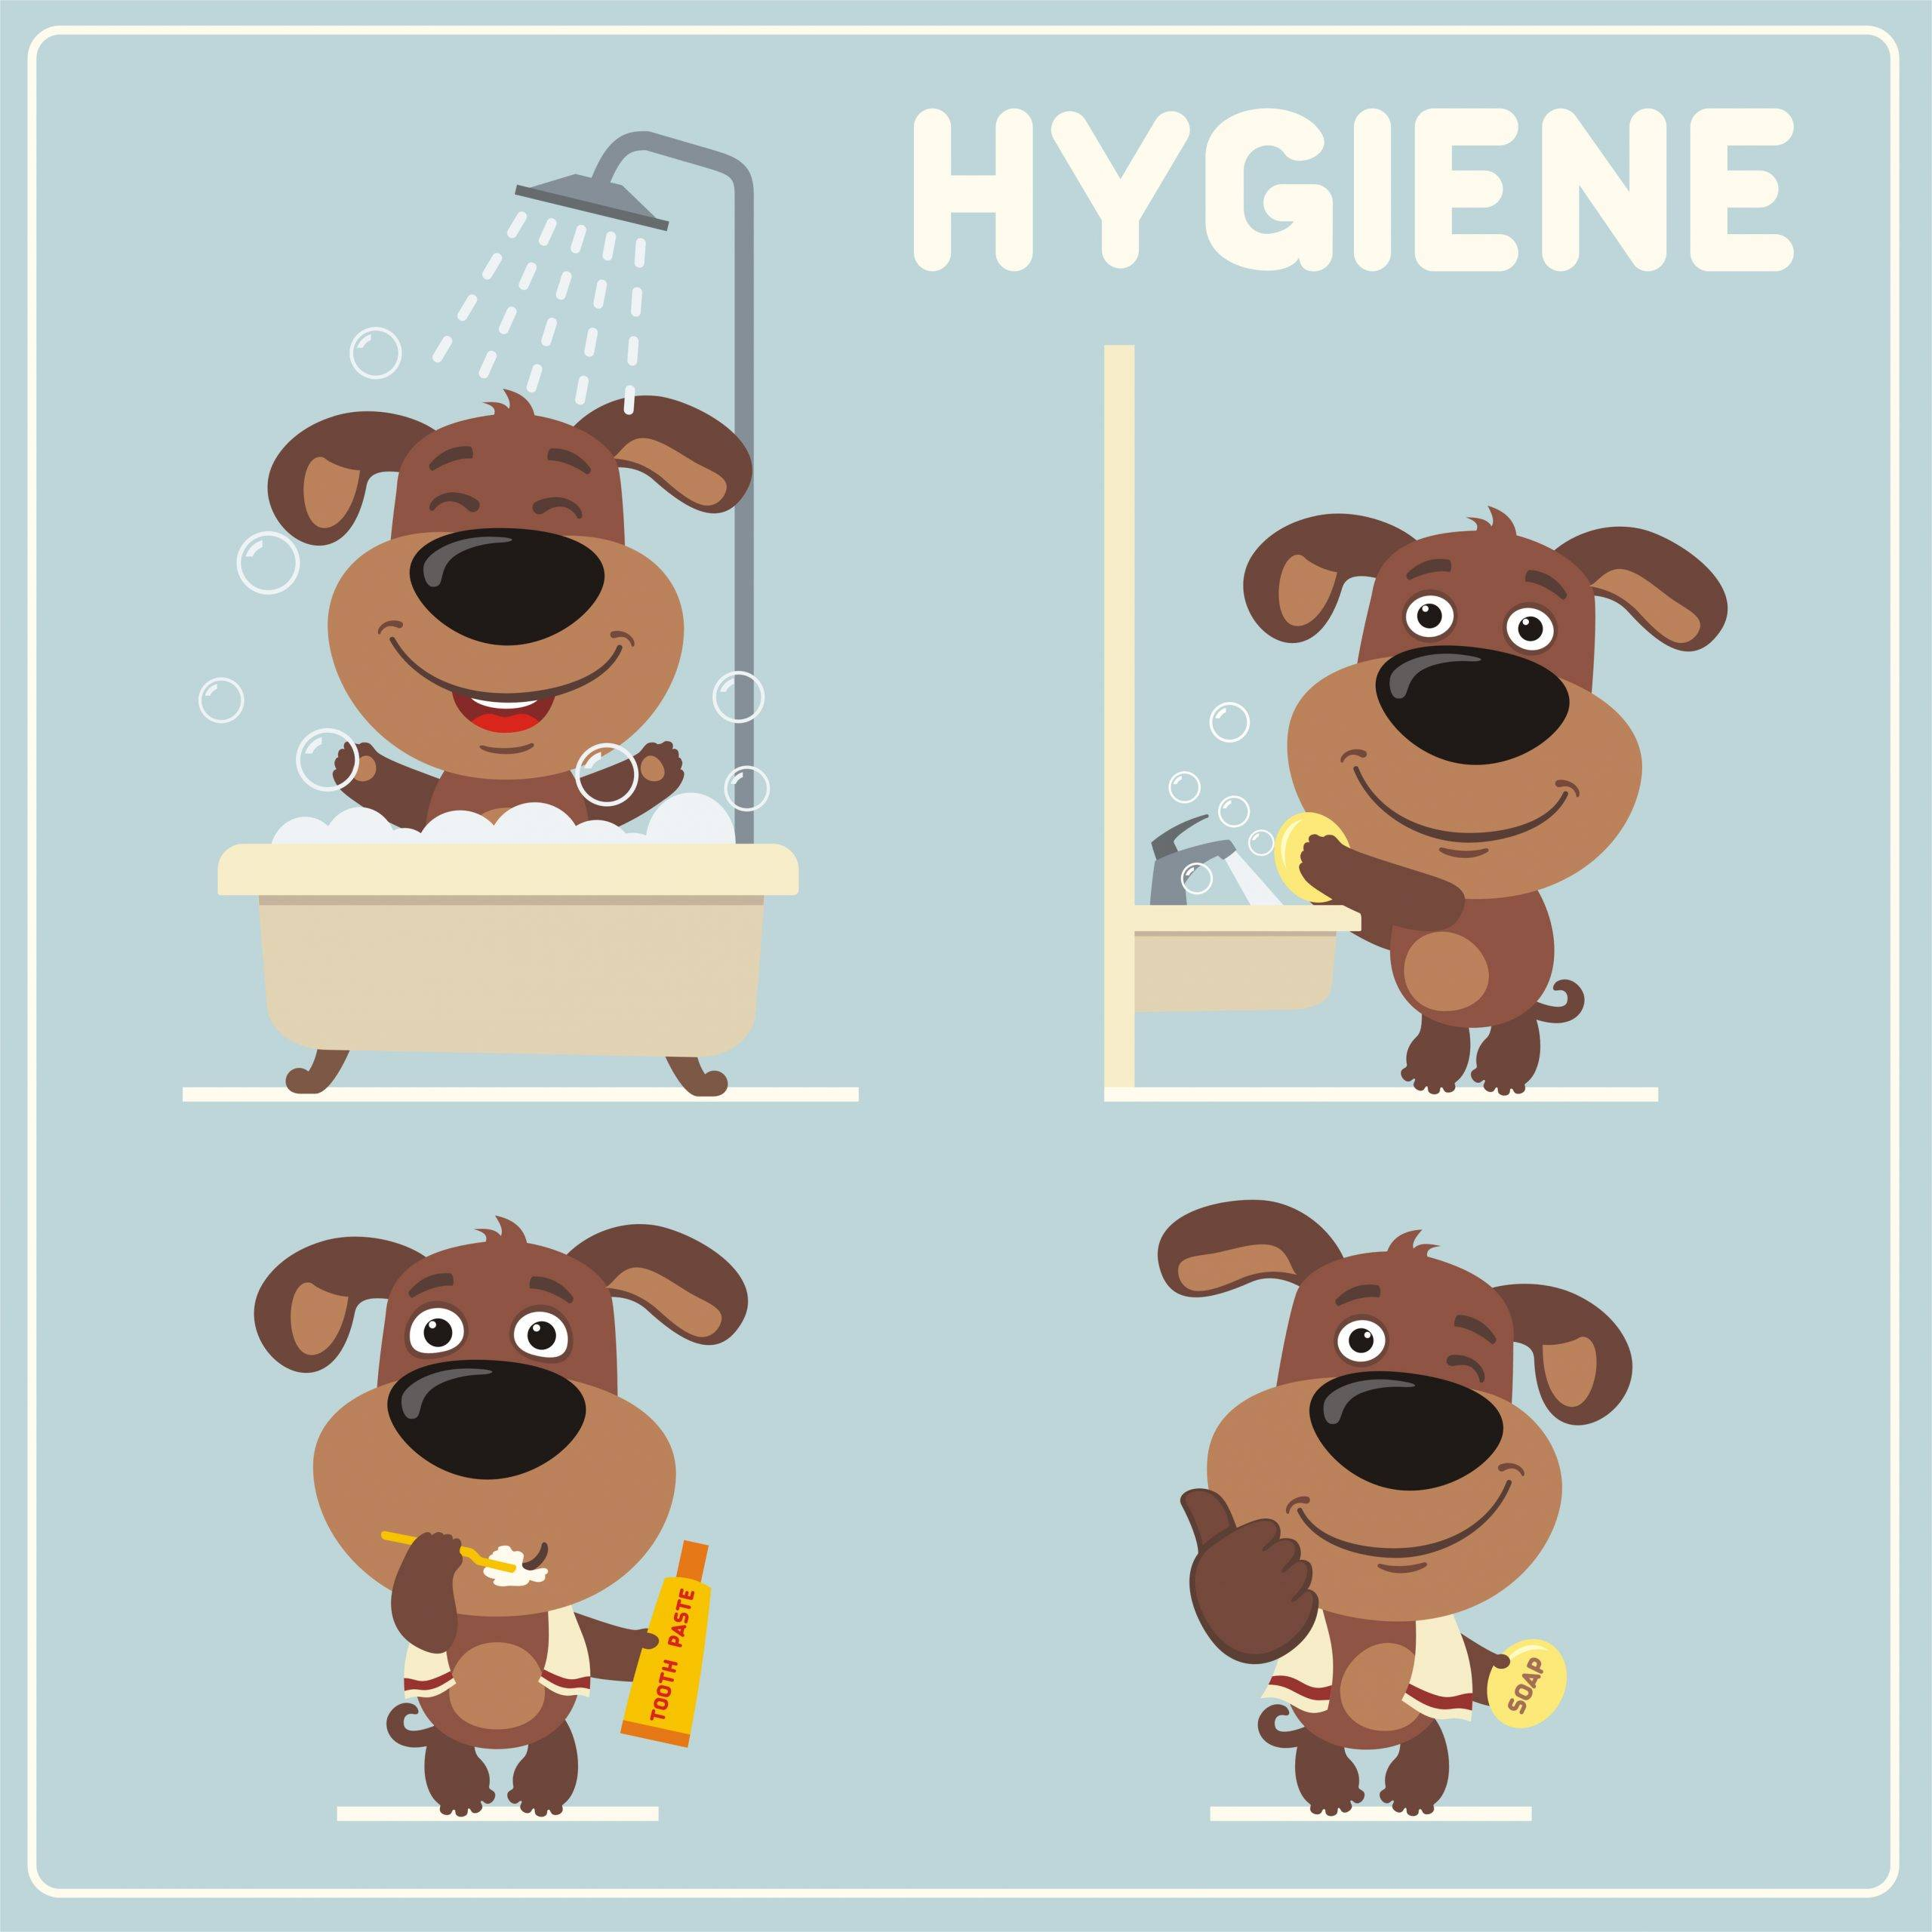 Instrukcja dbania o higienę - prezentuje kreskówkowy piesek. Grafika.